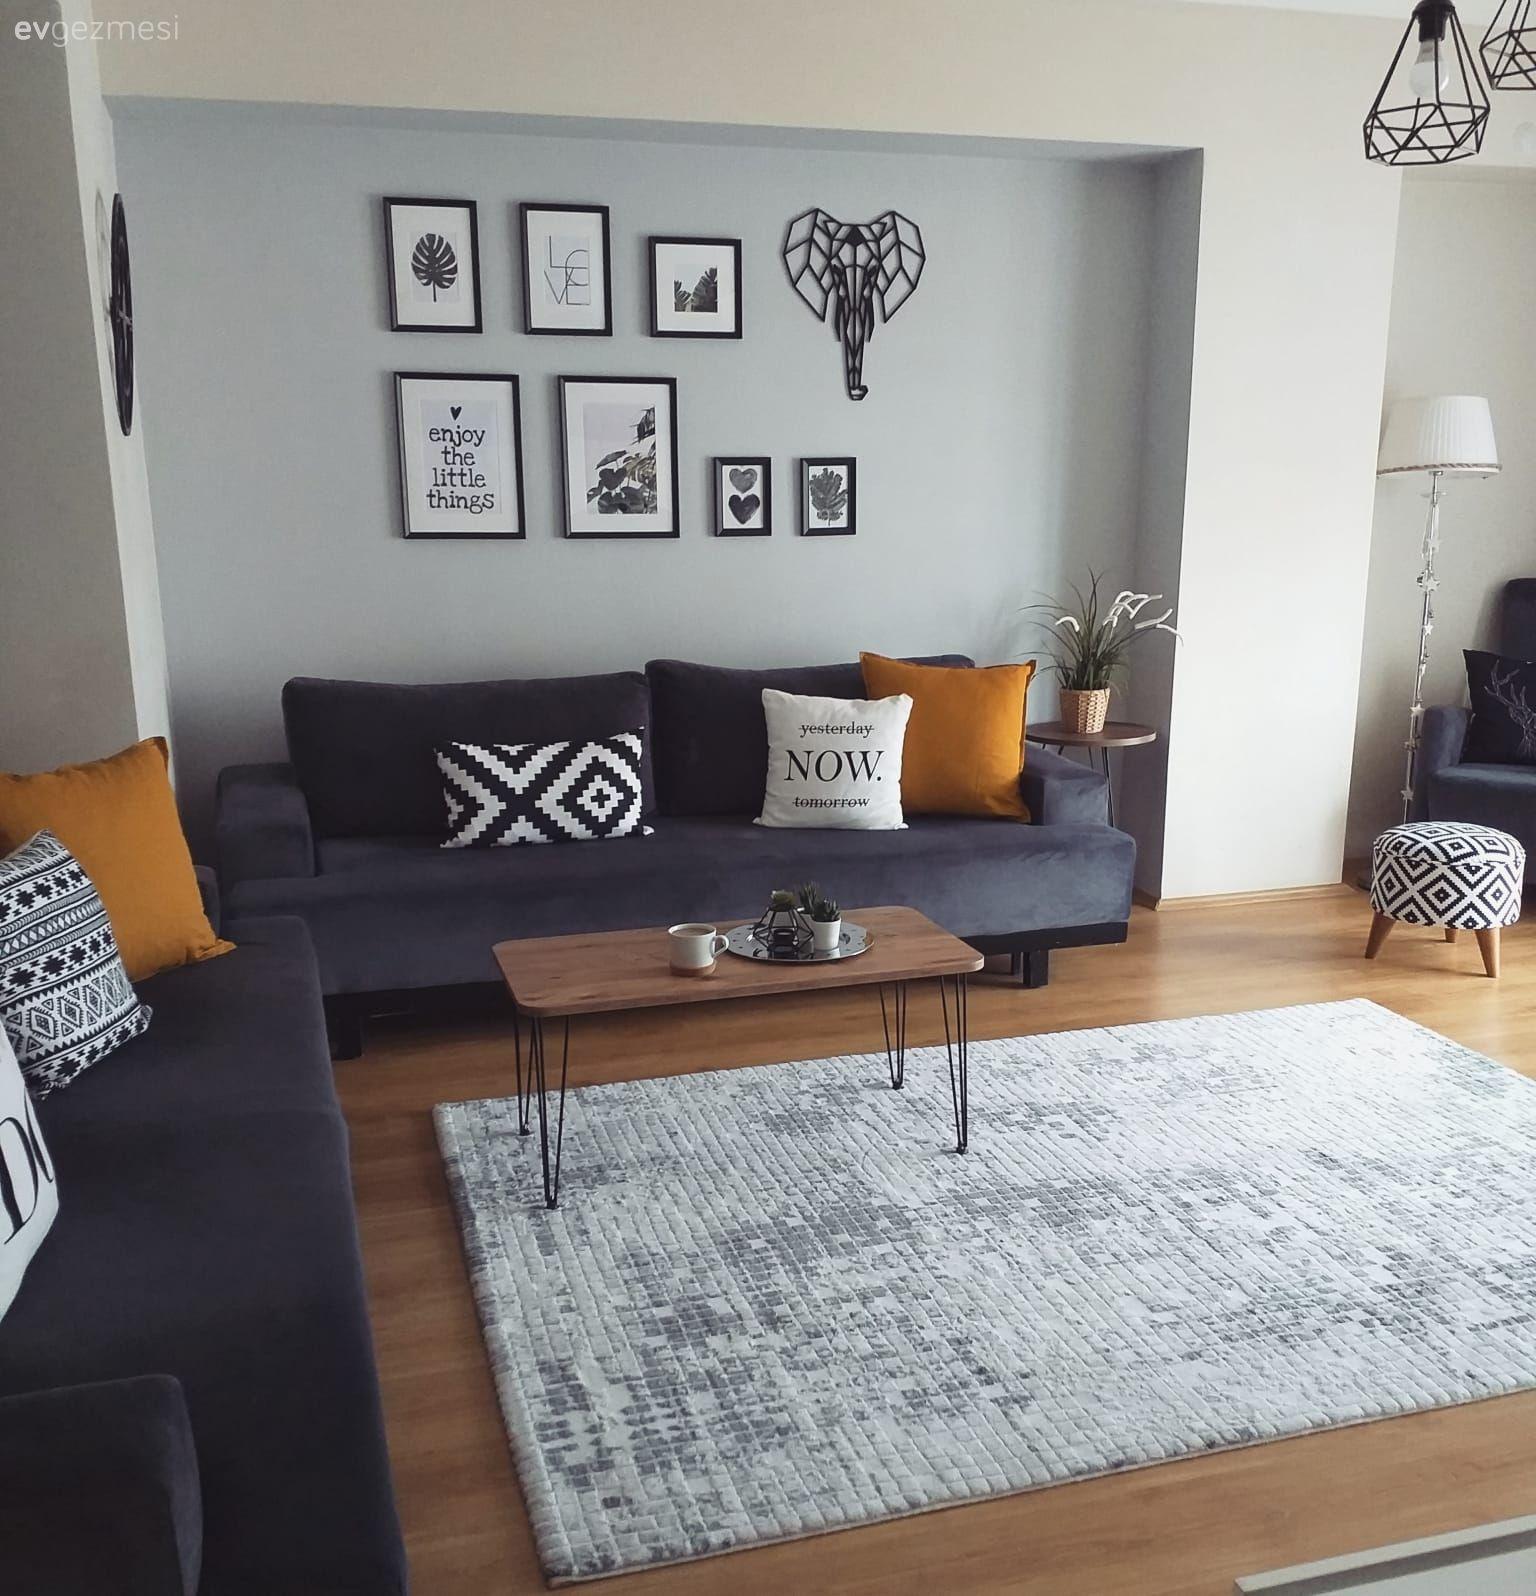 Bu Evde Modern Stil El Emegi Dokunuslar Ile Kimlik Kazanmis Ev Gezmesi Ikea Oturma Odasi Oturma Odasi Tasarimlari Oturma Odasi Takimlari